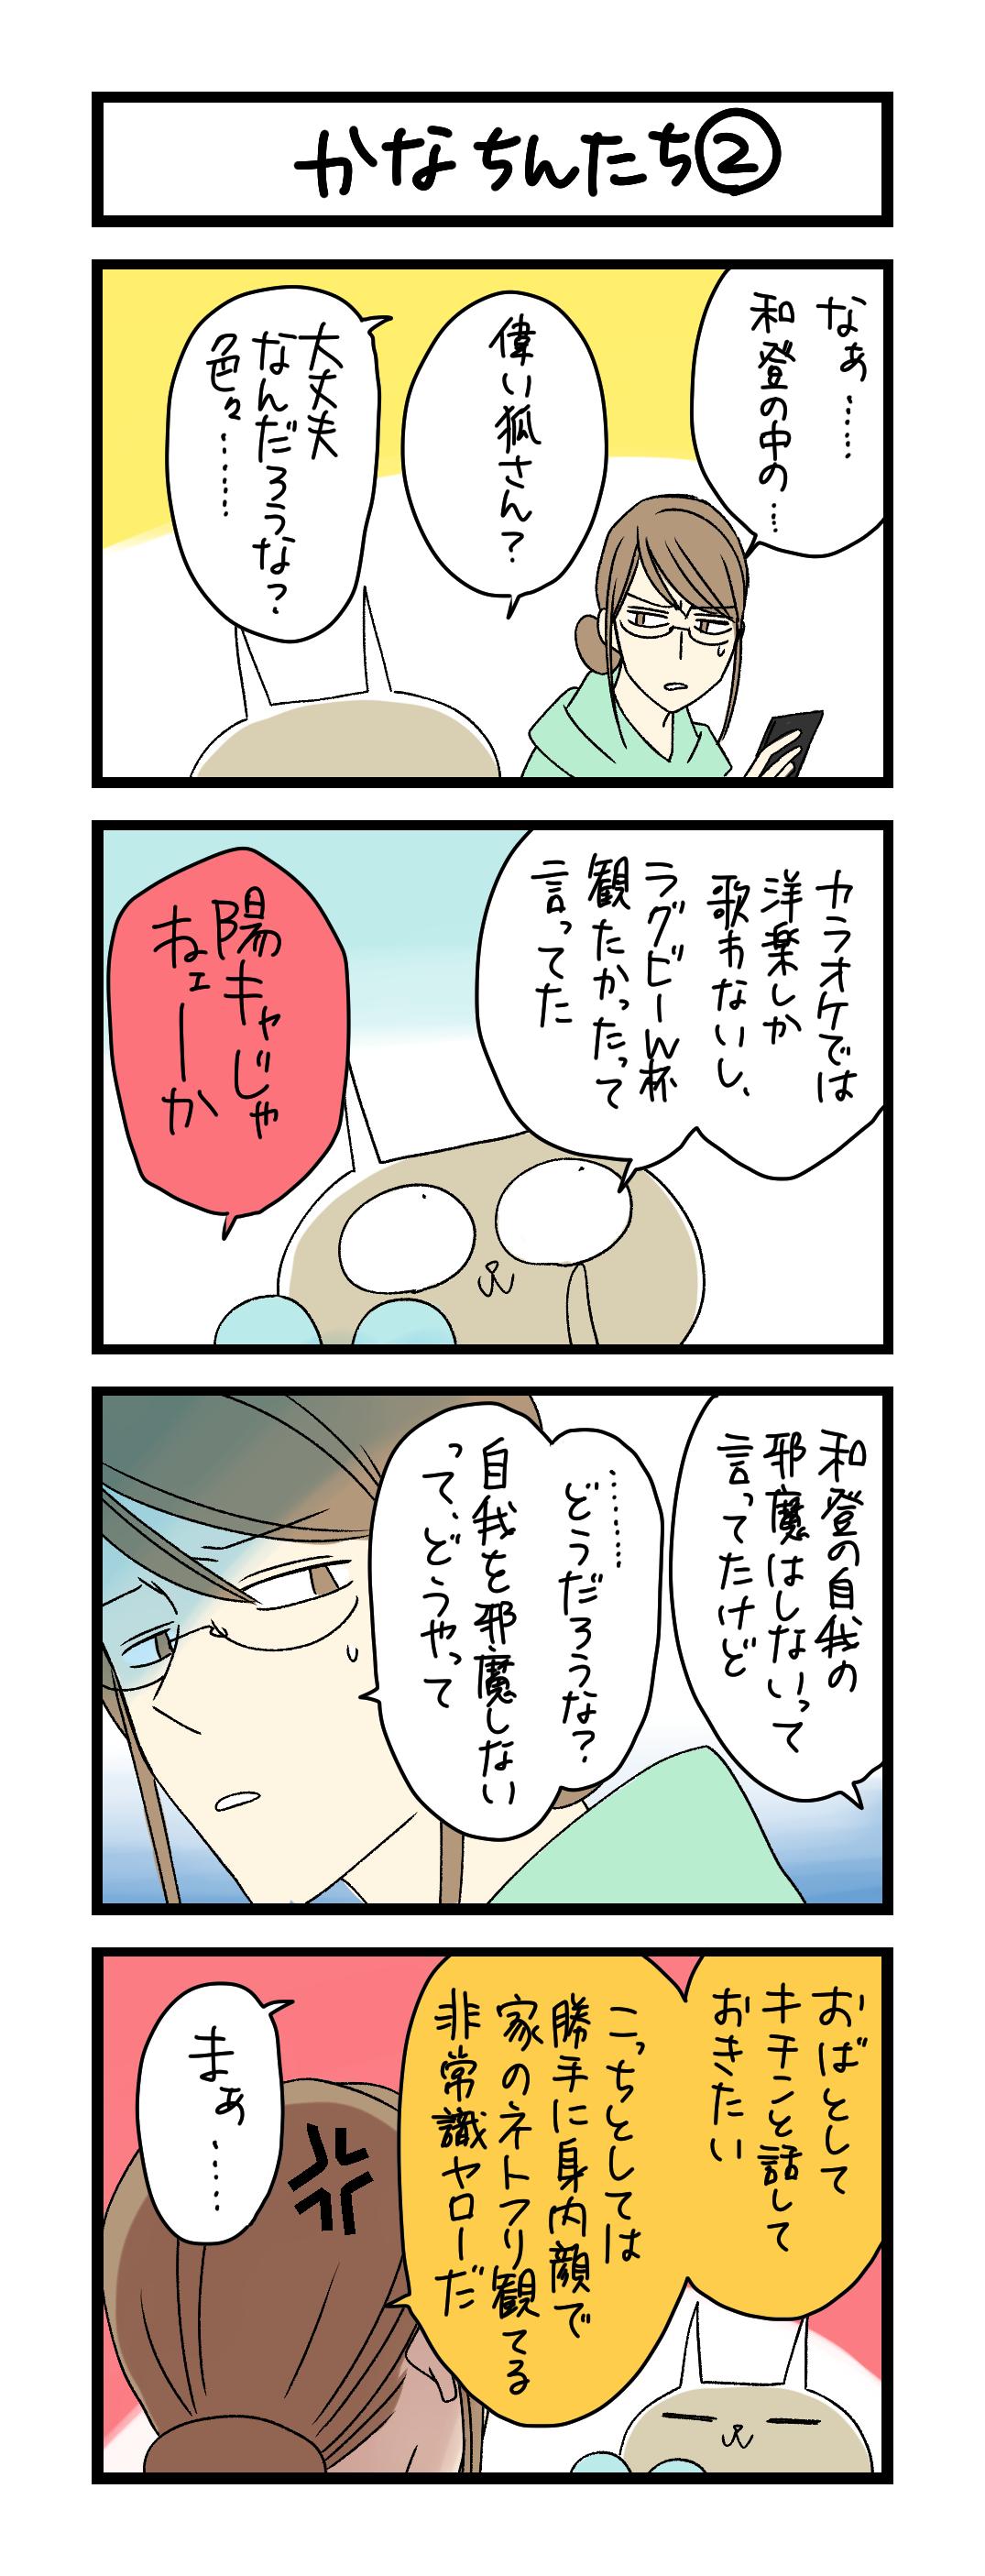 かなちんたち (2)